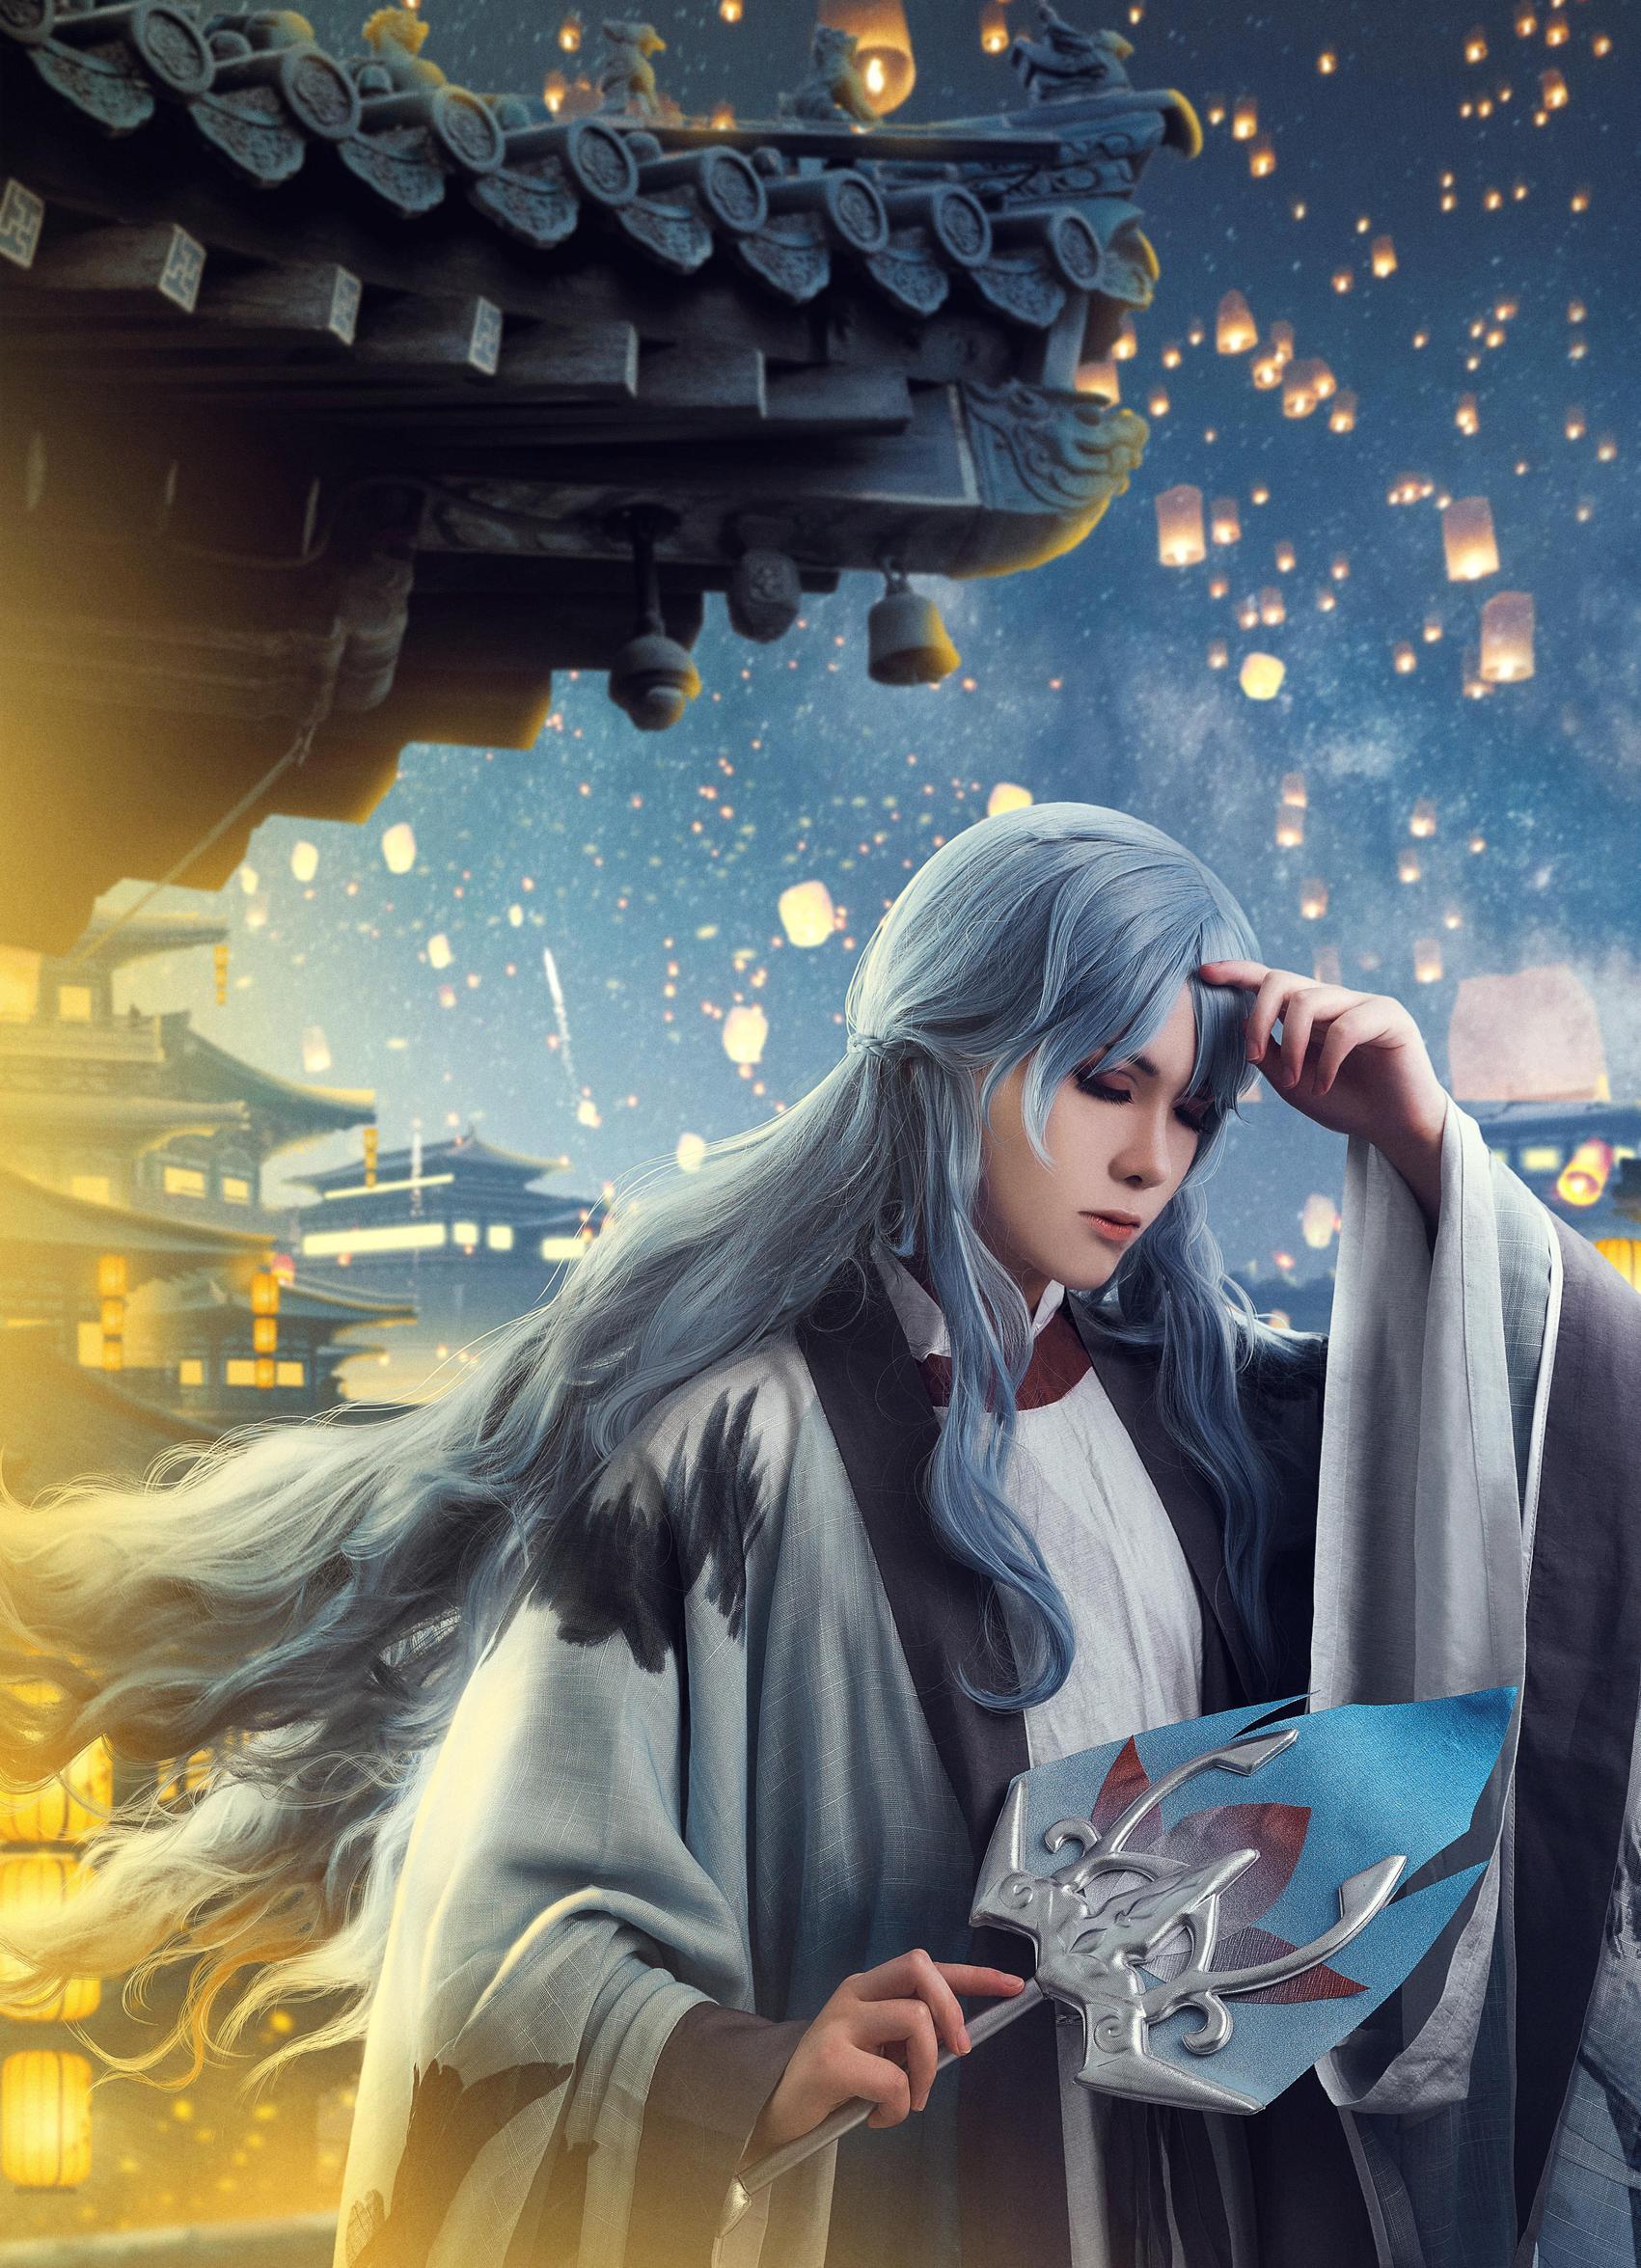 《王者荣耀》诸葛亮cosplay【CN:时雨润桃花LY】 -安琪拉图片cosplay插图